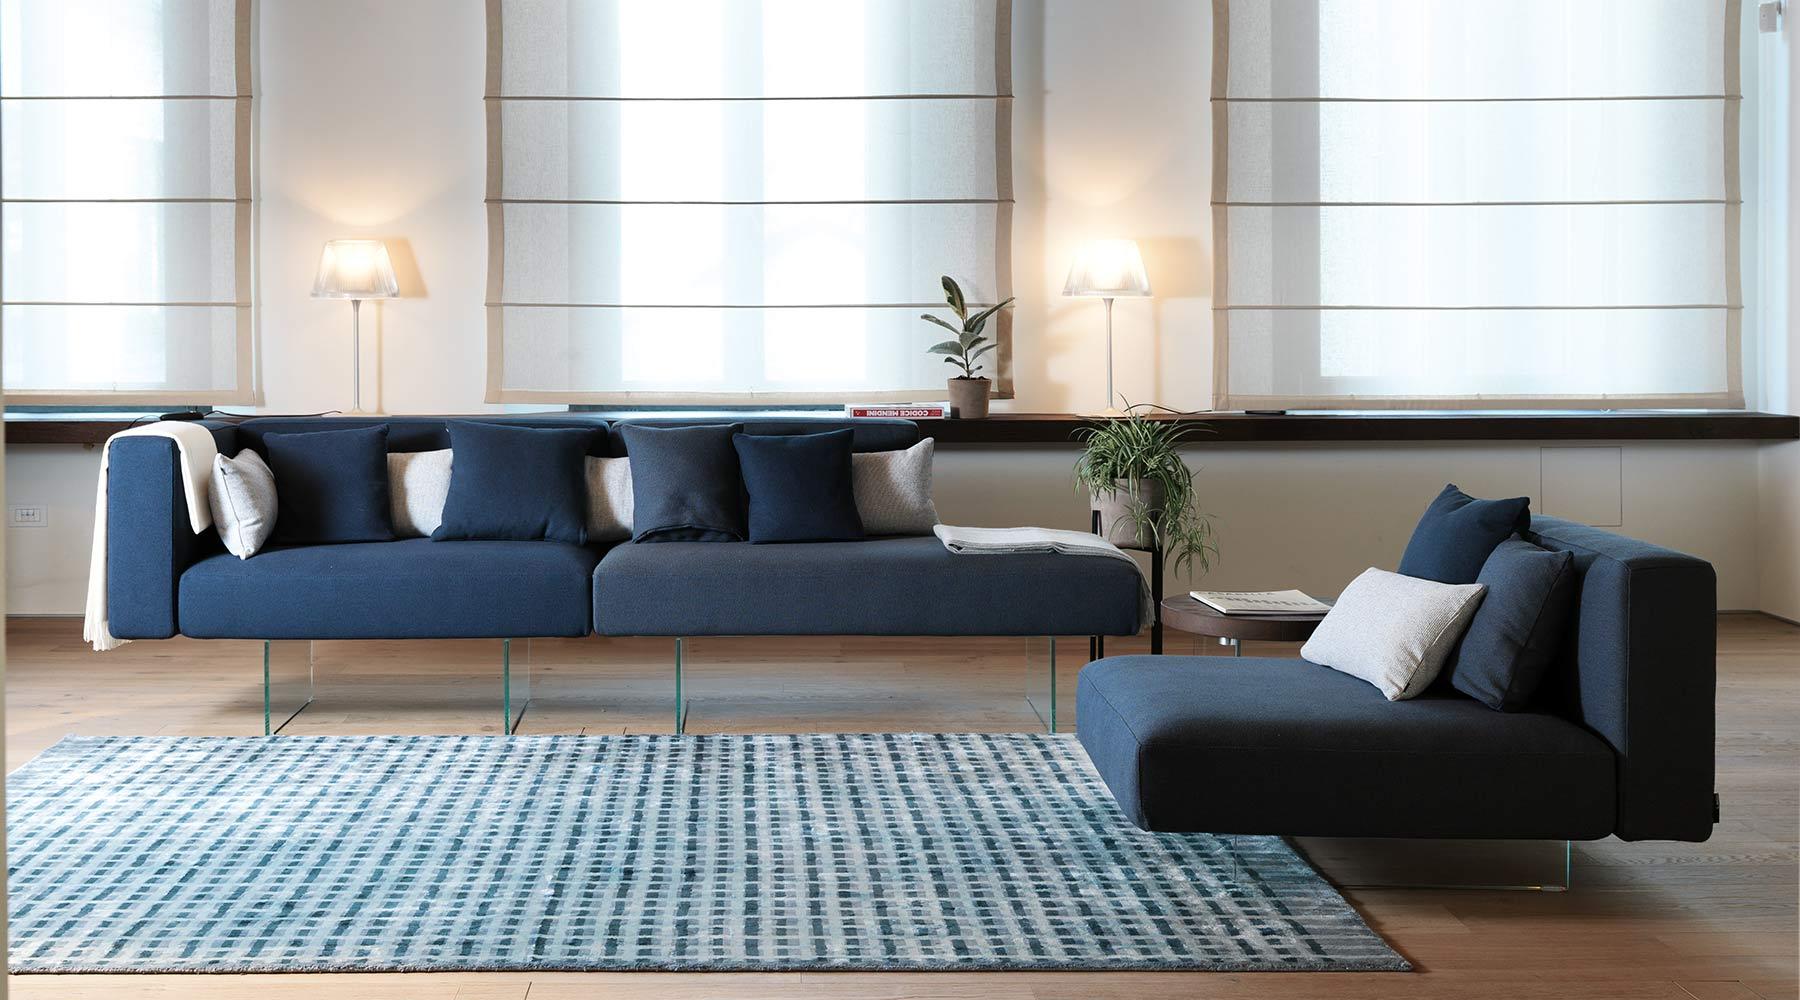 LAGO_Air sofa.jpg